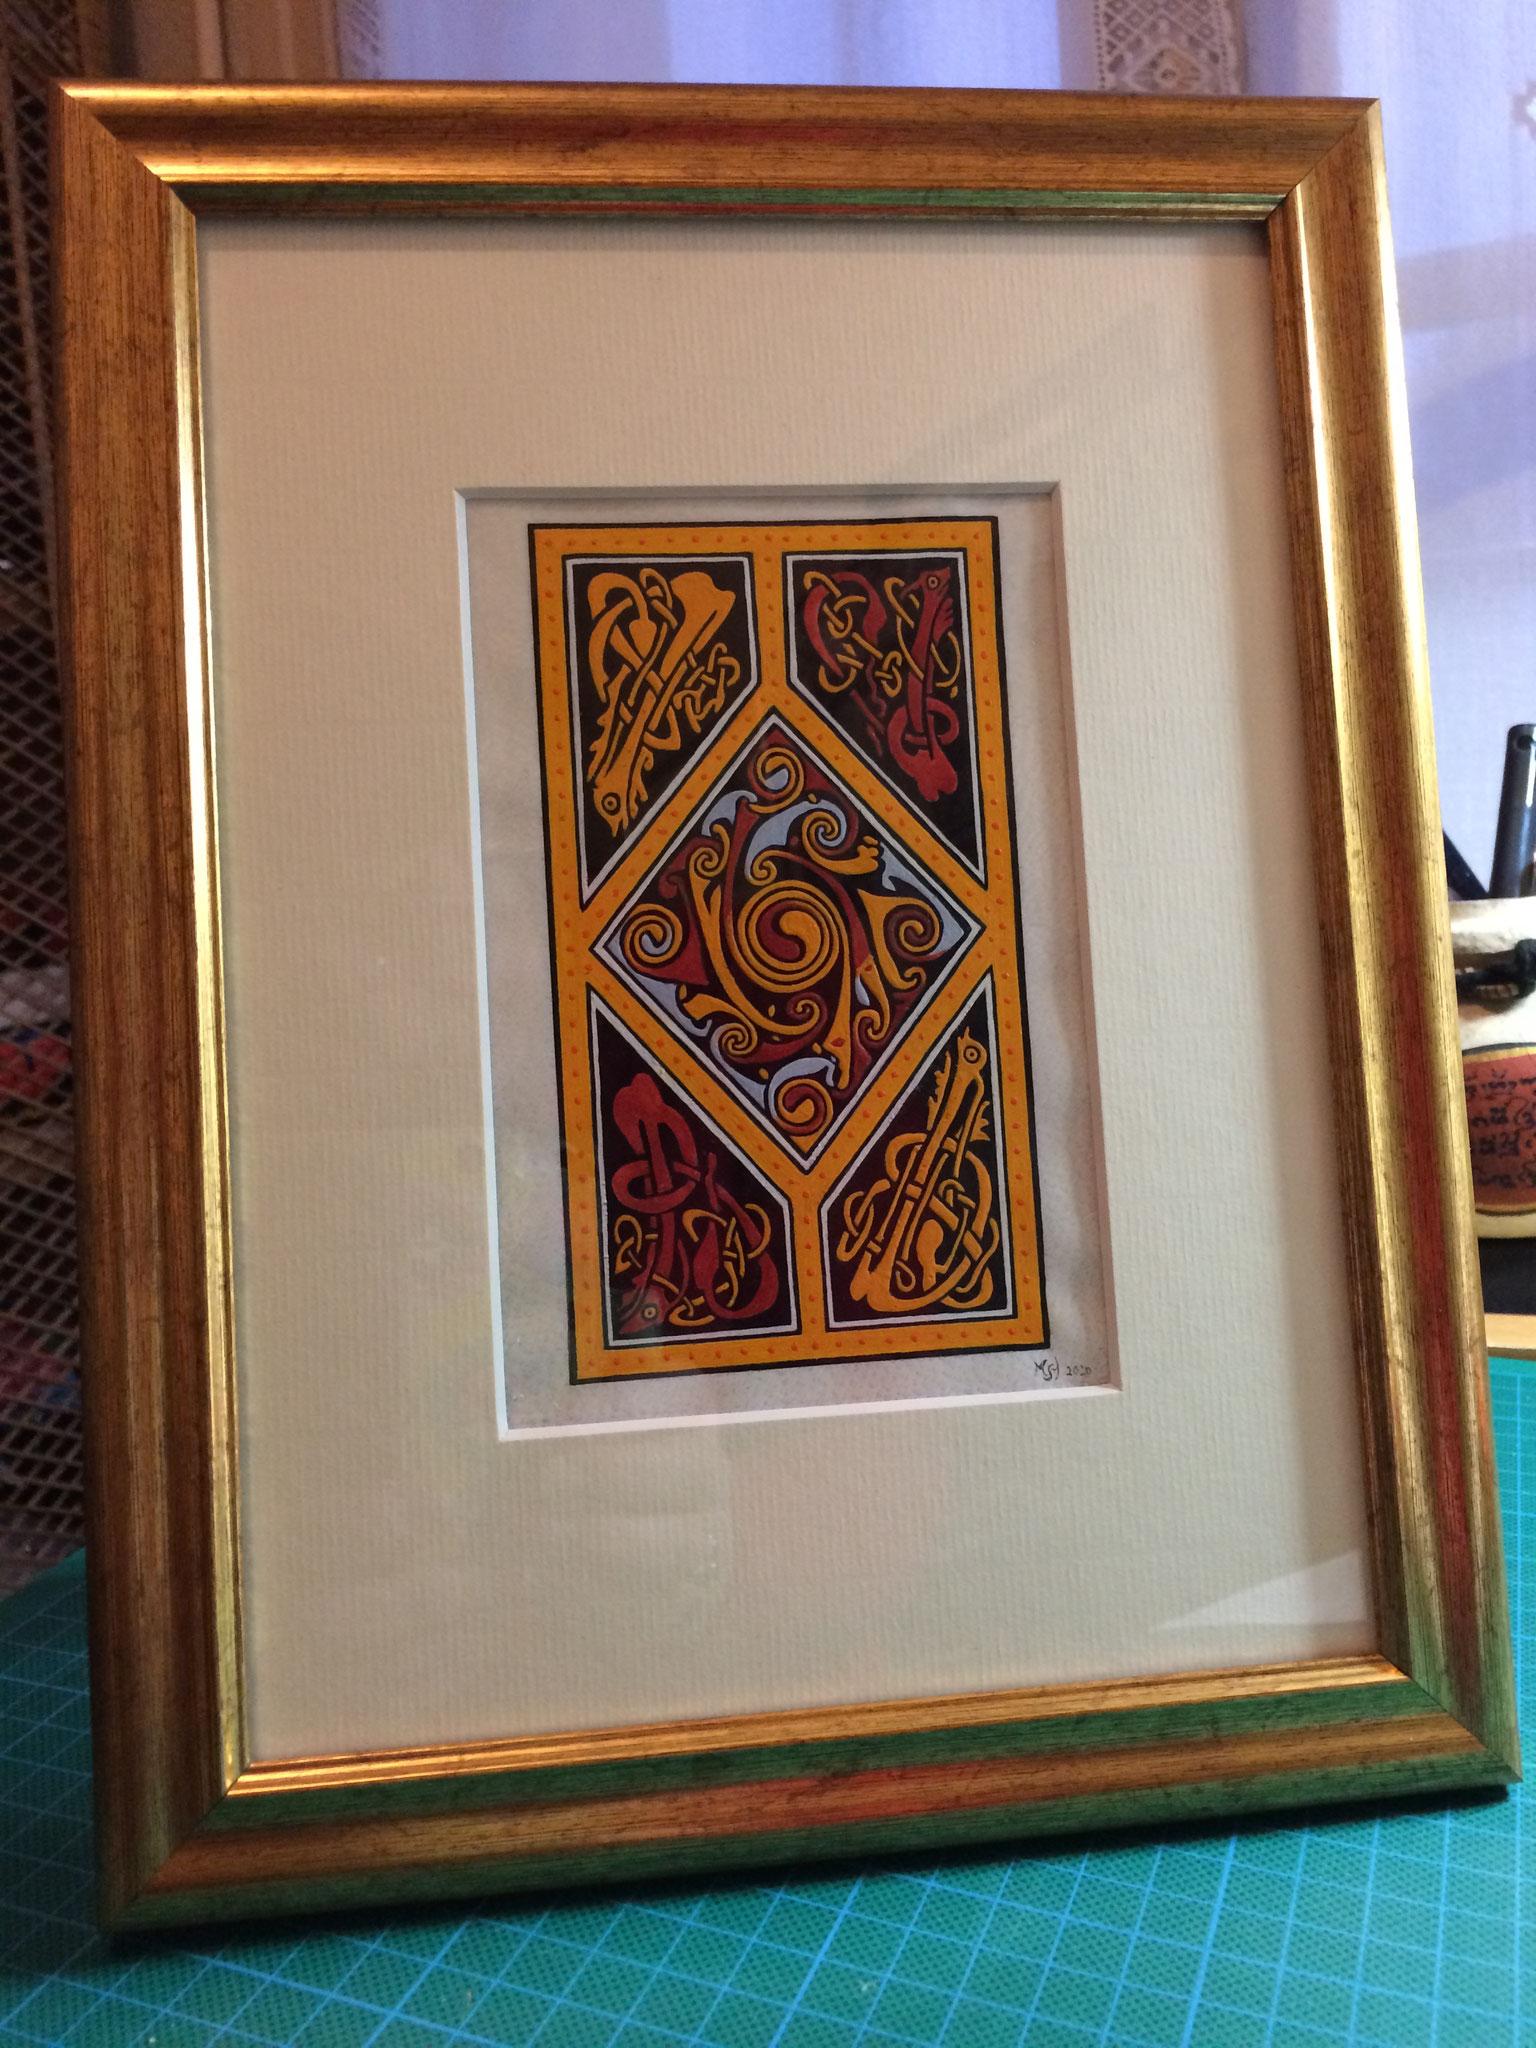 Motif celtique, inspiré de l'Evangéliaire irlandais VIIIe s, Echternach, Or-et-CaraCteres 2020